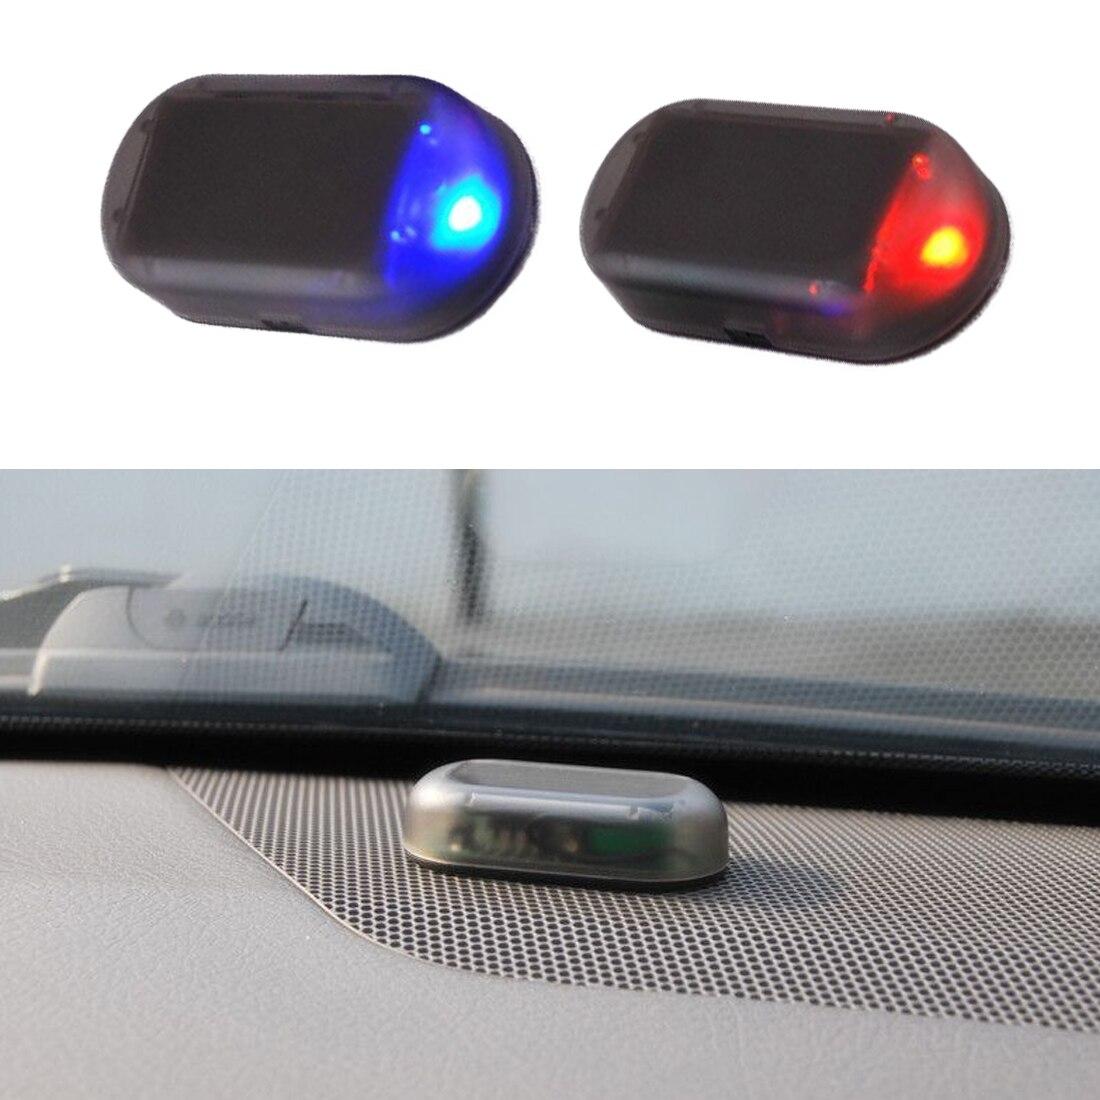 Fontes de proteção do carro simulação led alarme luz segurança falso sistema solar aviso roubo flash piscando carro